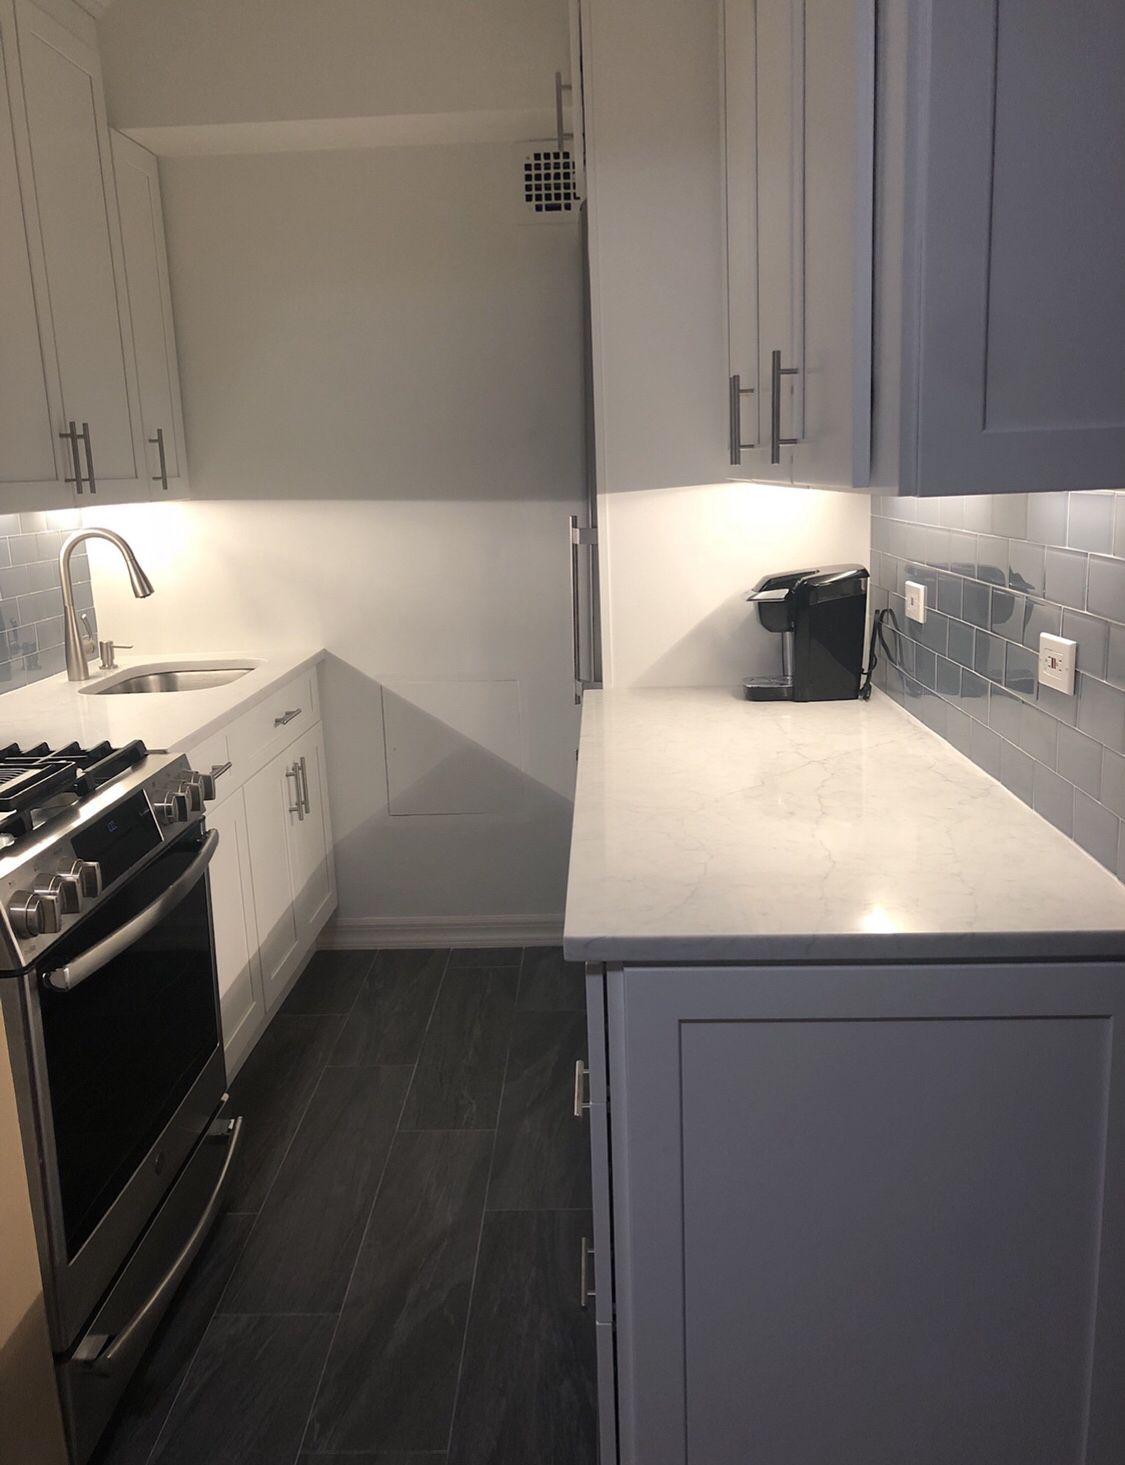 Upper East Side Kitchen Remodel Kitchen Cabinets Kitchen Remodel Kitchen And Bath Design